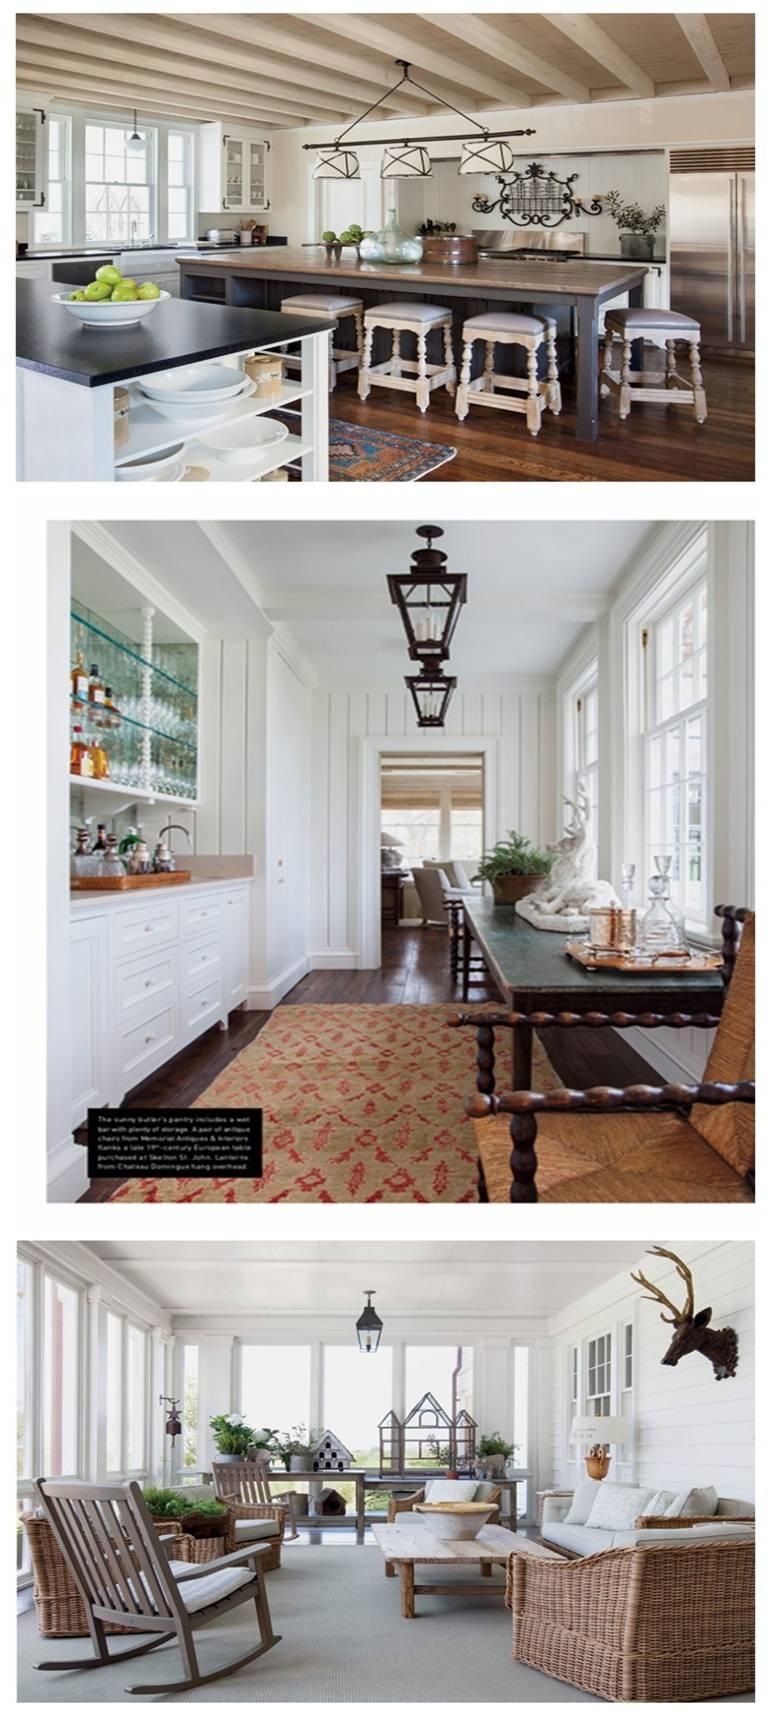 法式家具自带浪漫属性,给文艺青年种草!